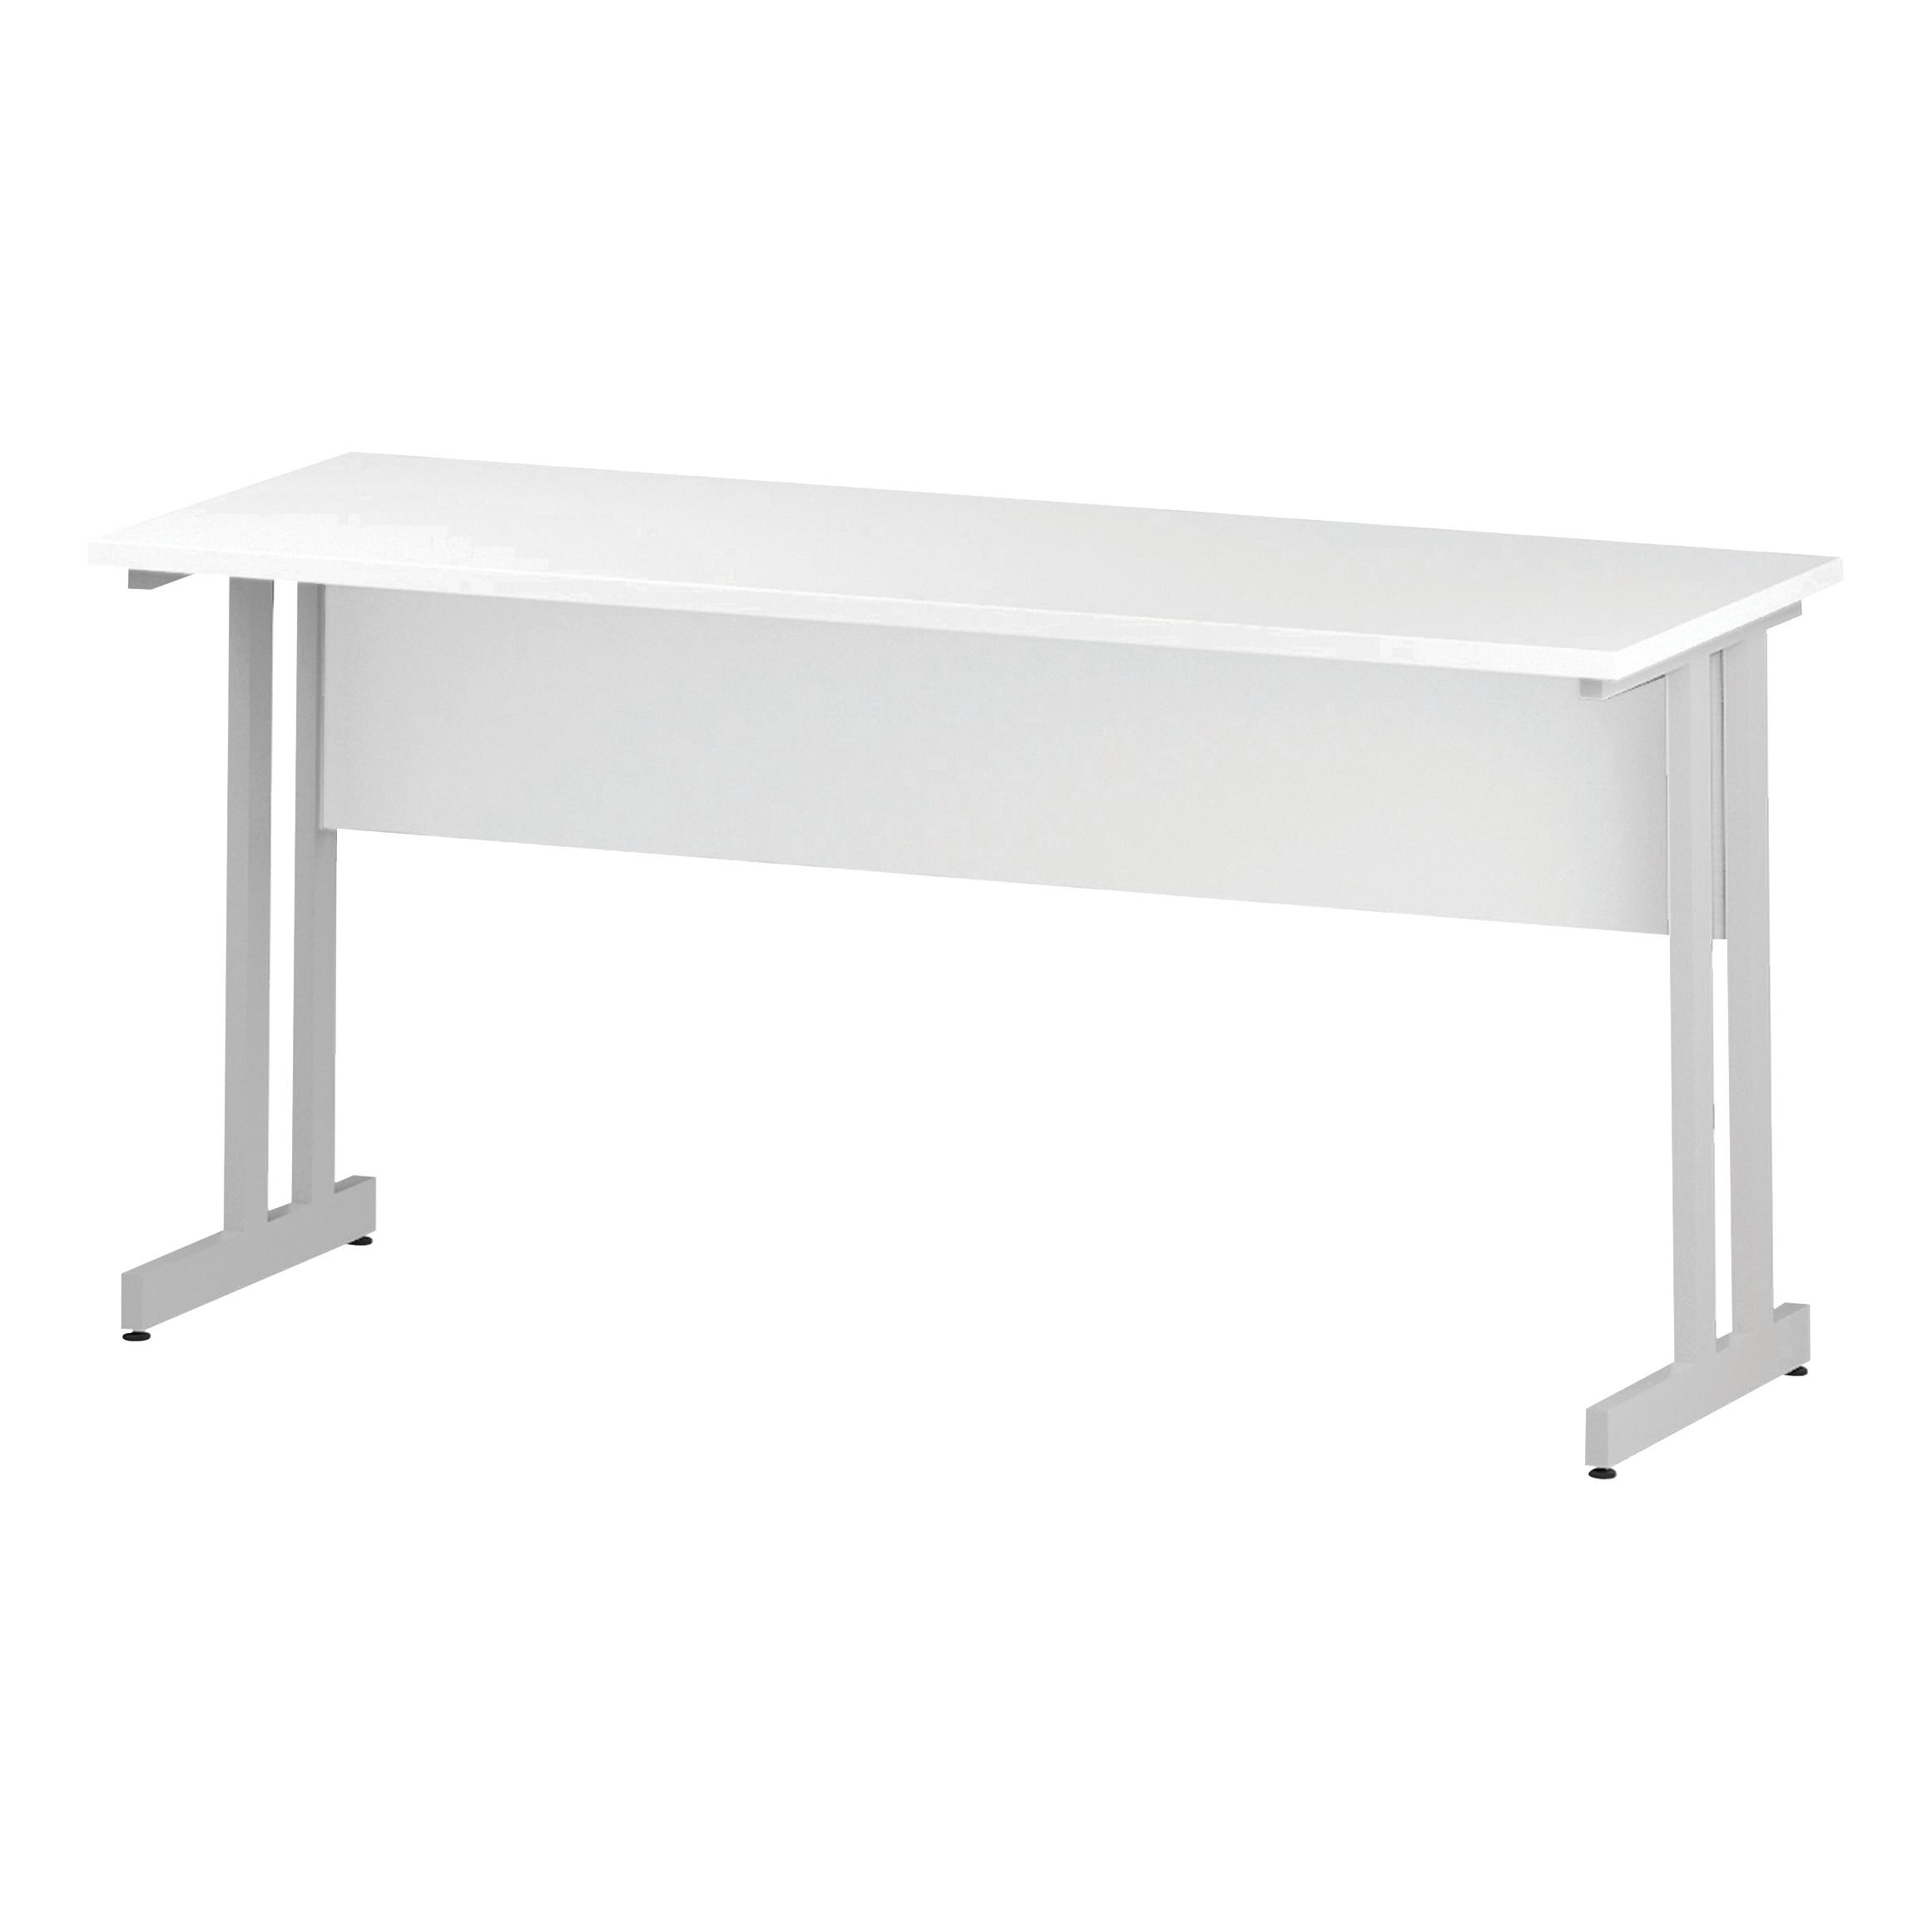 Trexus Rectangular Slim Desk White Cantilever Leg 1600x600mm White Ref I002203